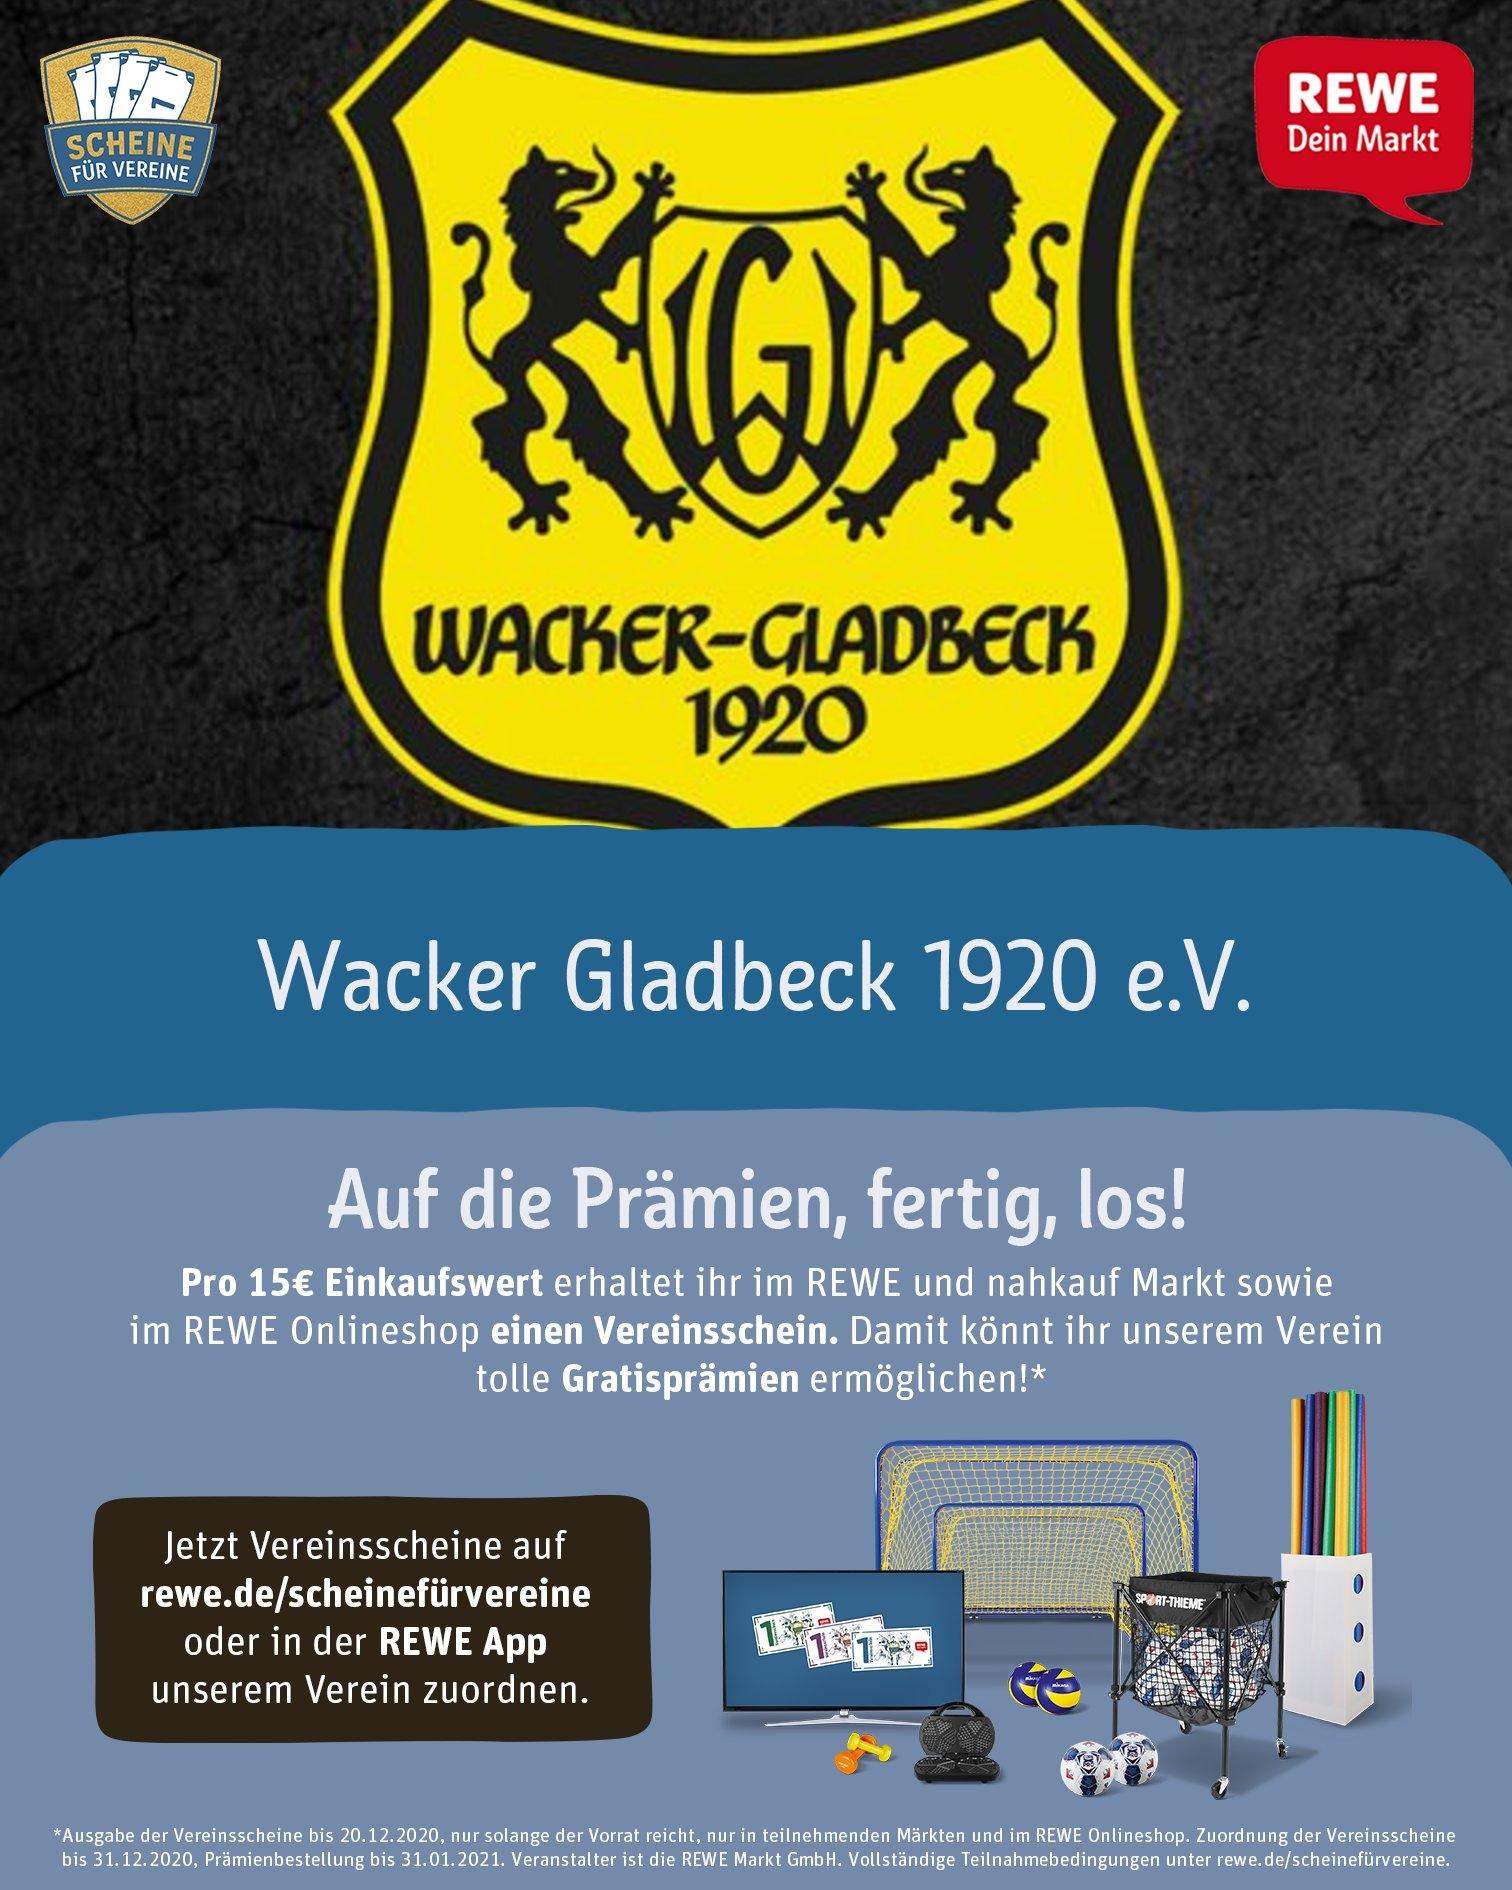 Scheine für Vereine - Wacker Gladbeck